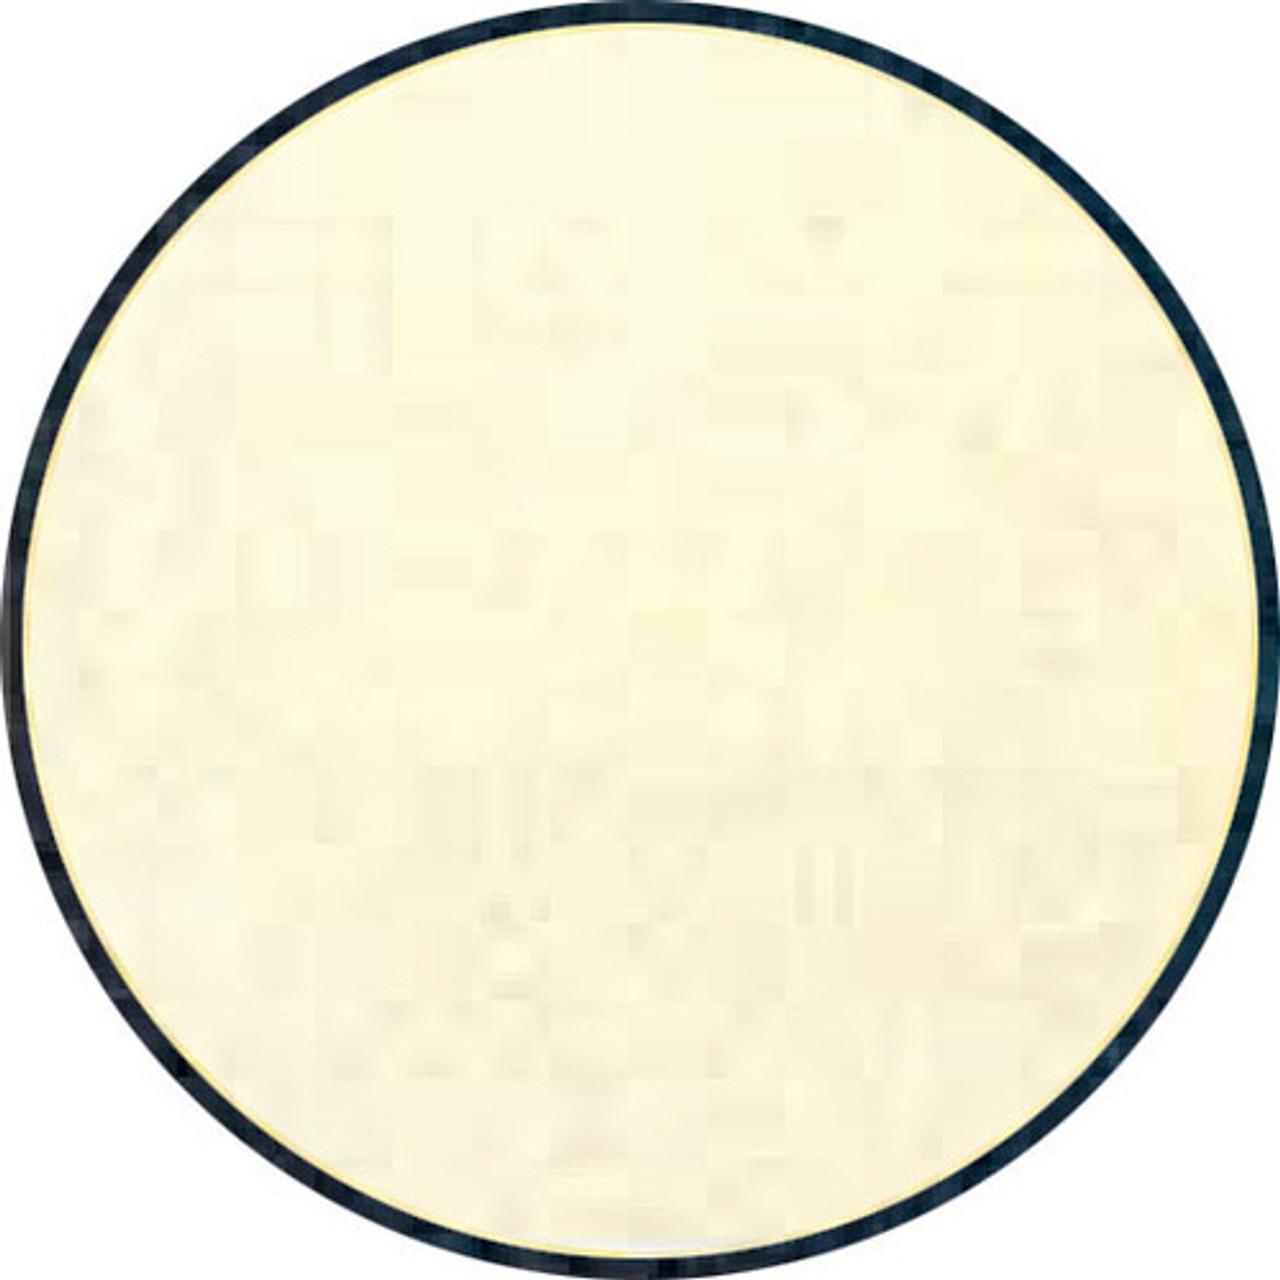 Carpet - Cream